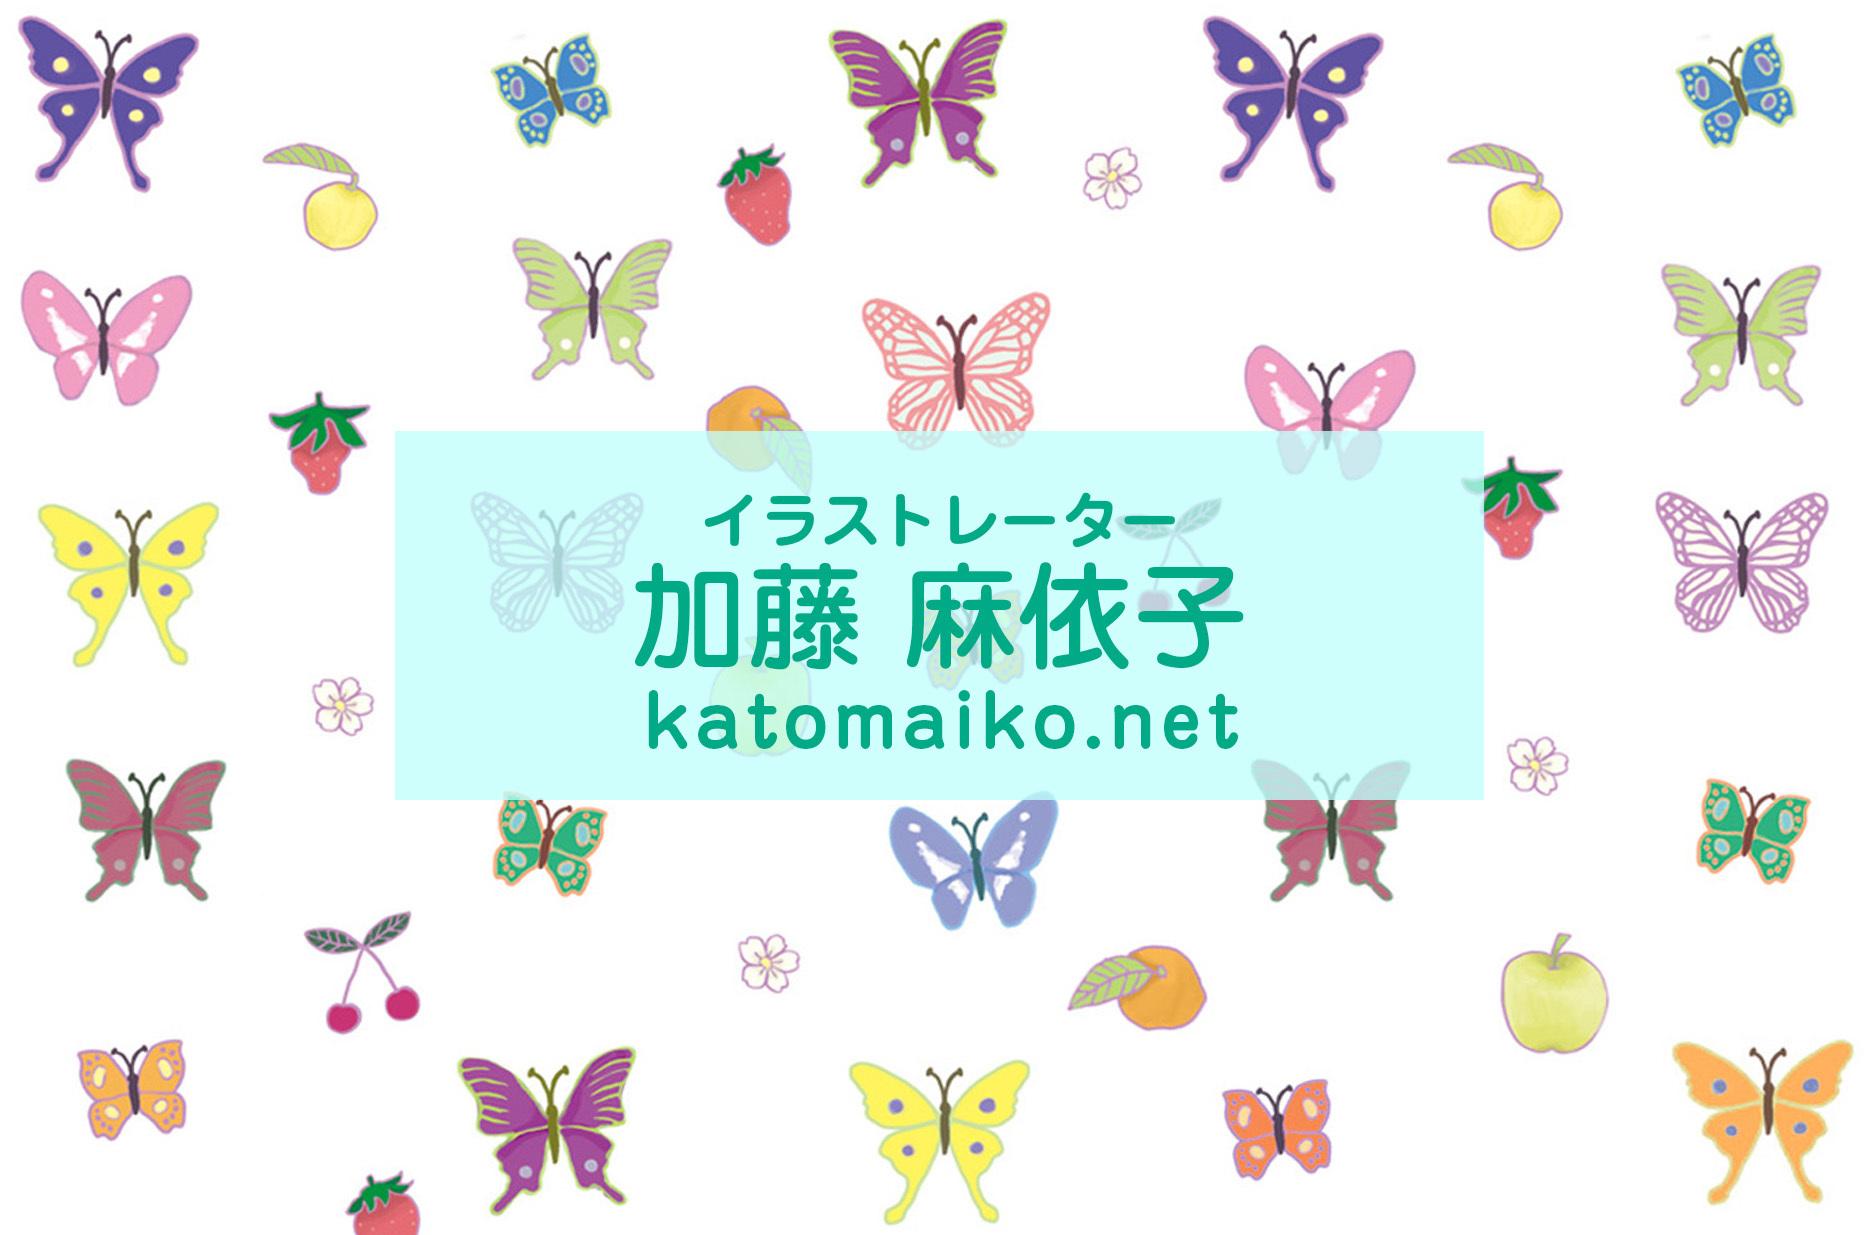 イラストレーター 加藤麻依子のブログです_a0154788_14180210.jpg